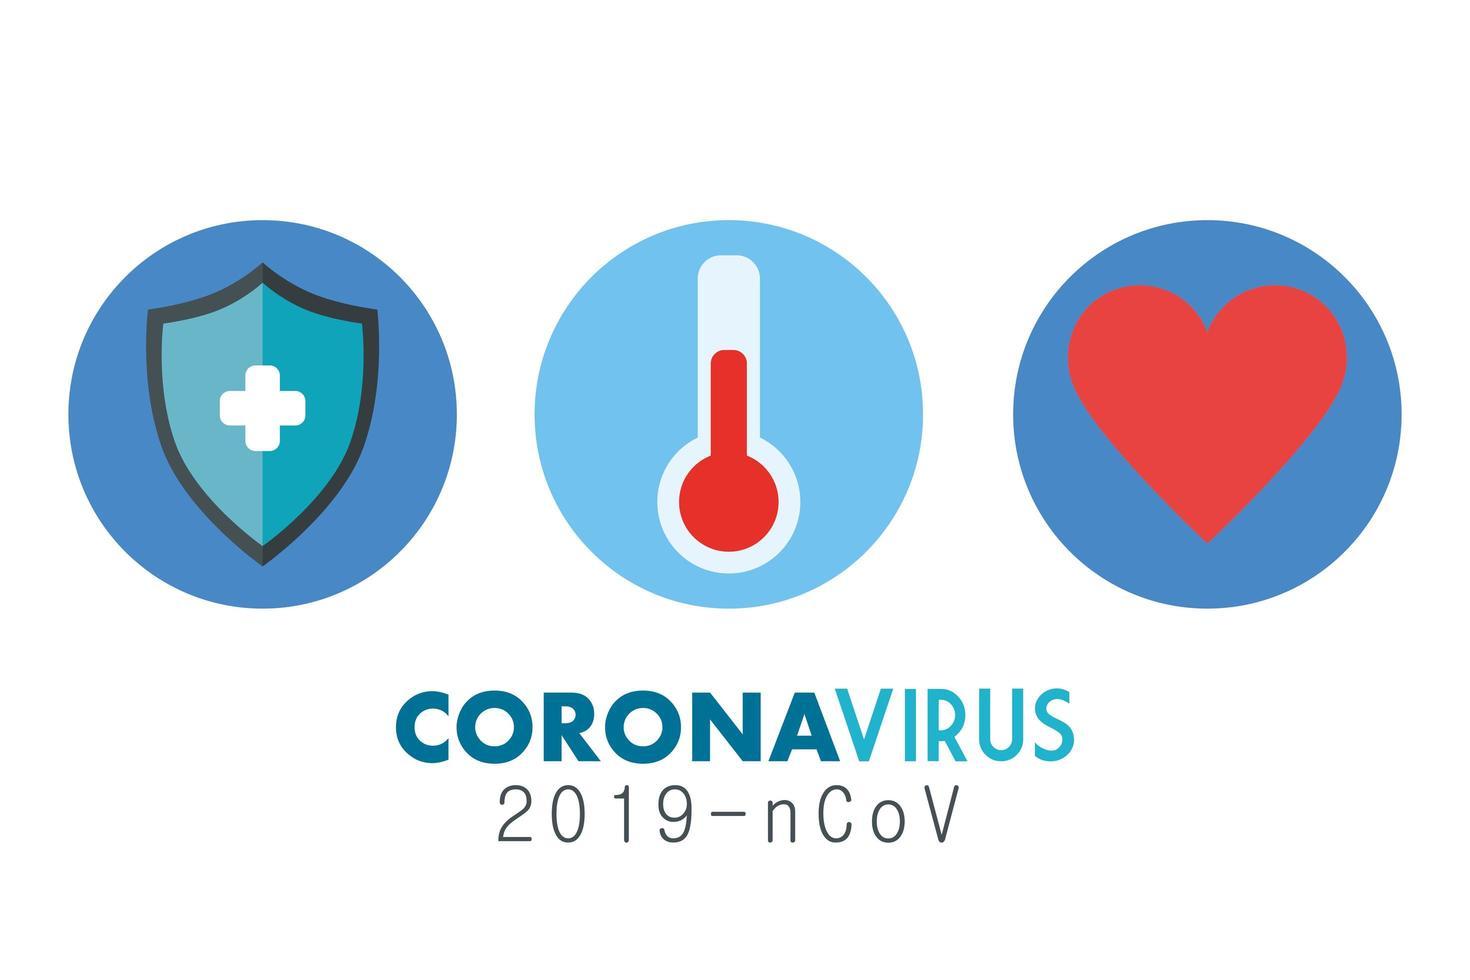 coronavirus medicinsk banner med ikoner vektor